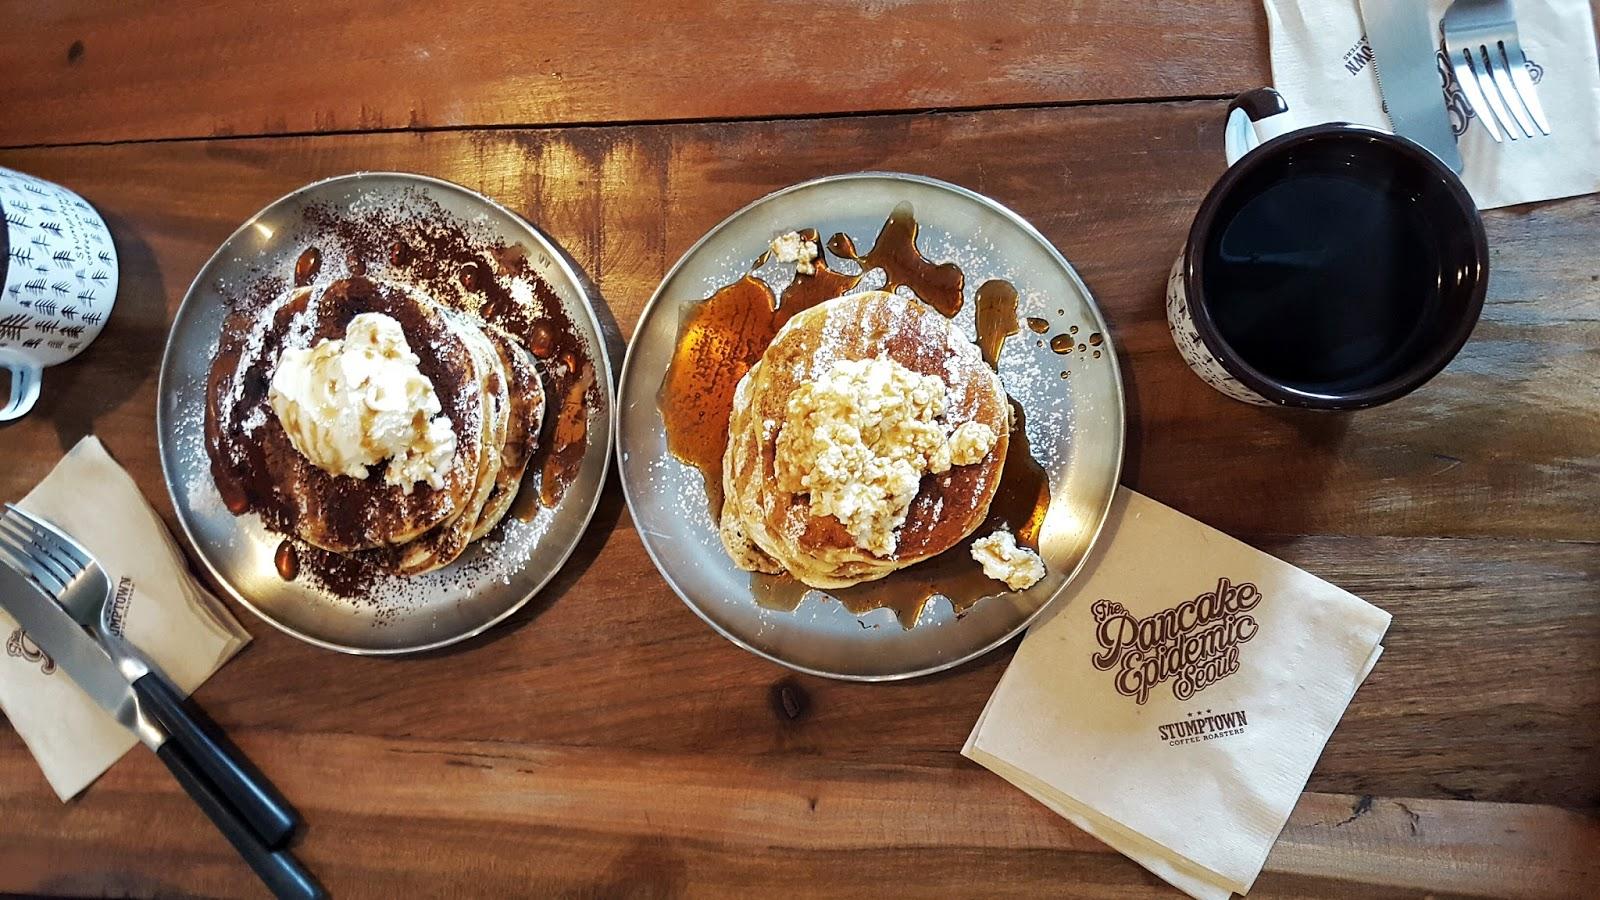 Cafe Style: The Pancake Epidemic